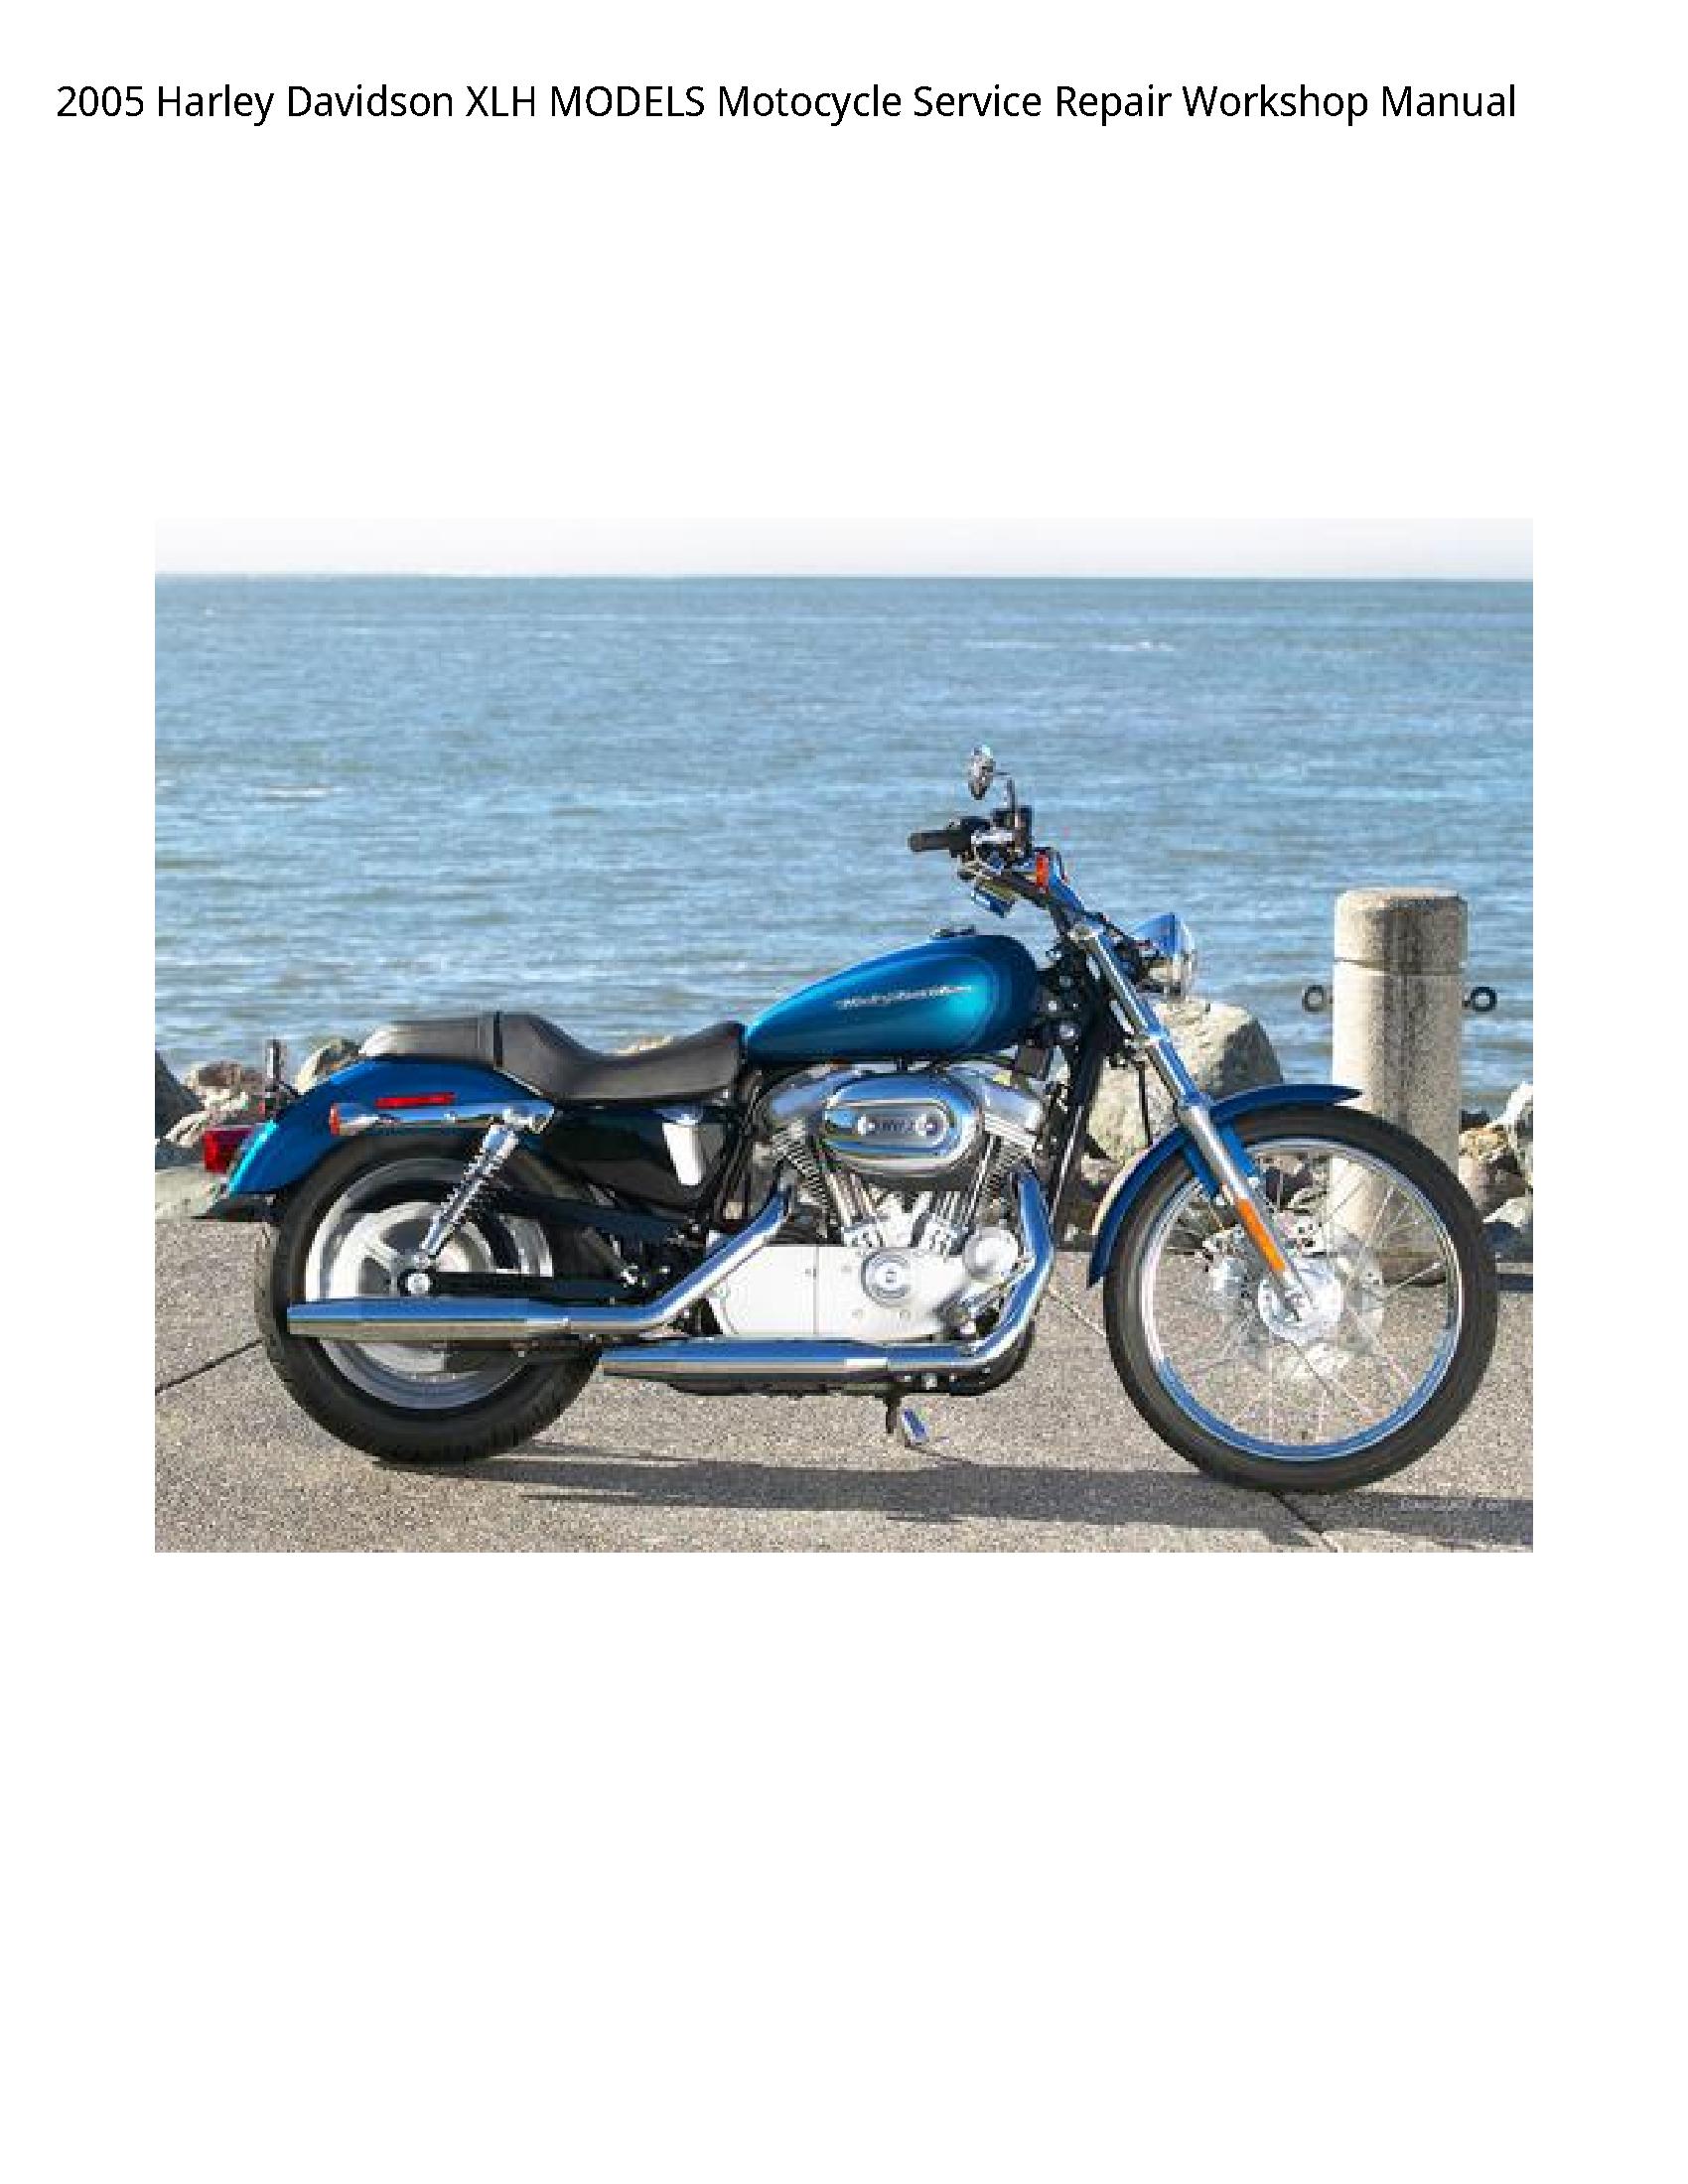 Harley Davidson XLH Motocycle manual